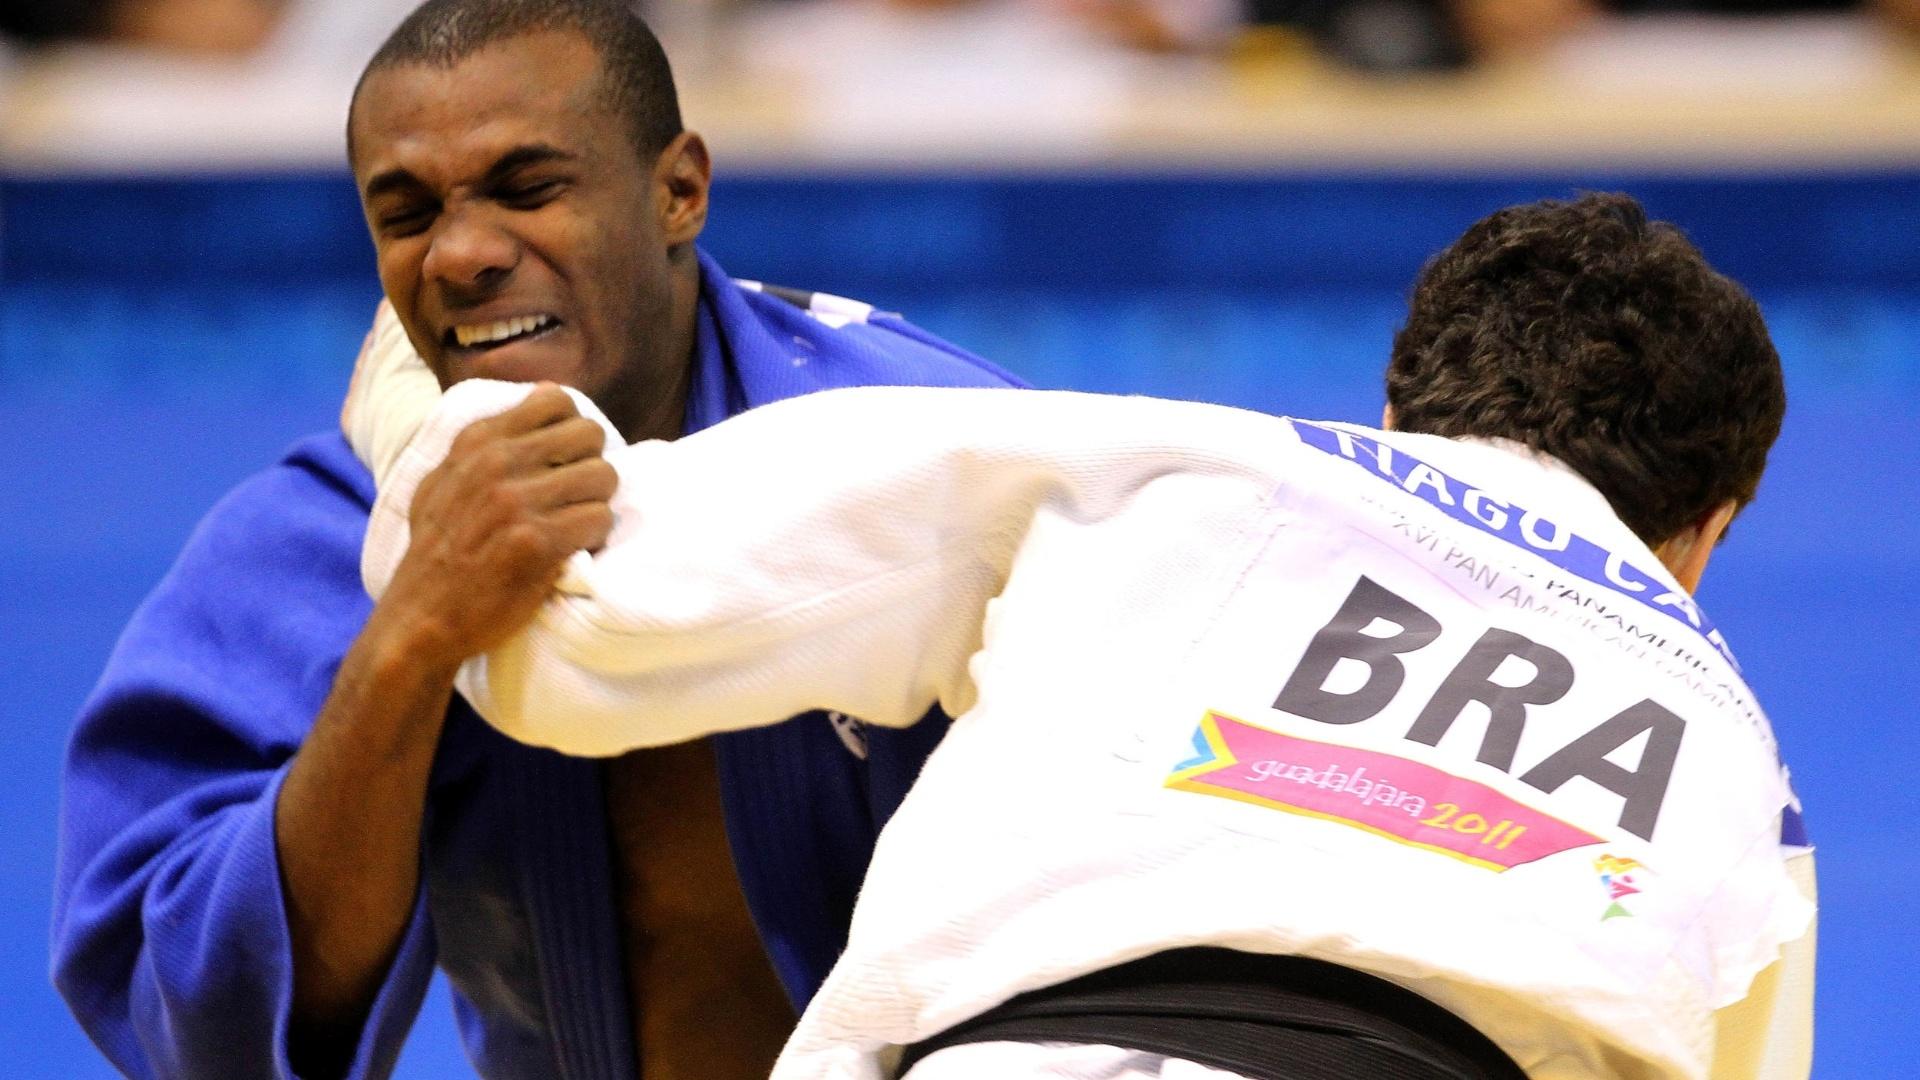 Tiago Camilo prepara ippon na luta contra o mexicano Issao Alfonso Cardenas pela categoria até 90 kg do Pan (27/10/2011)